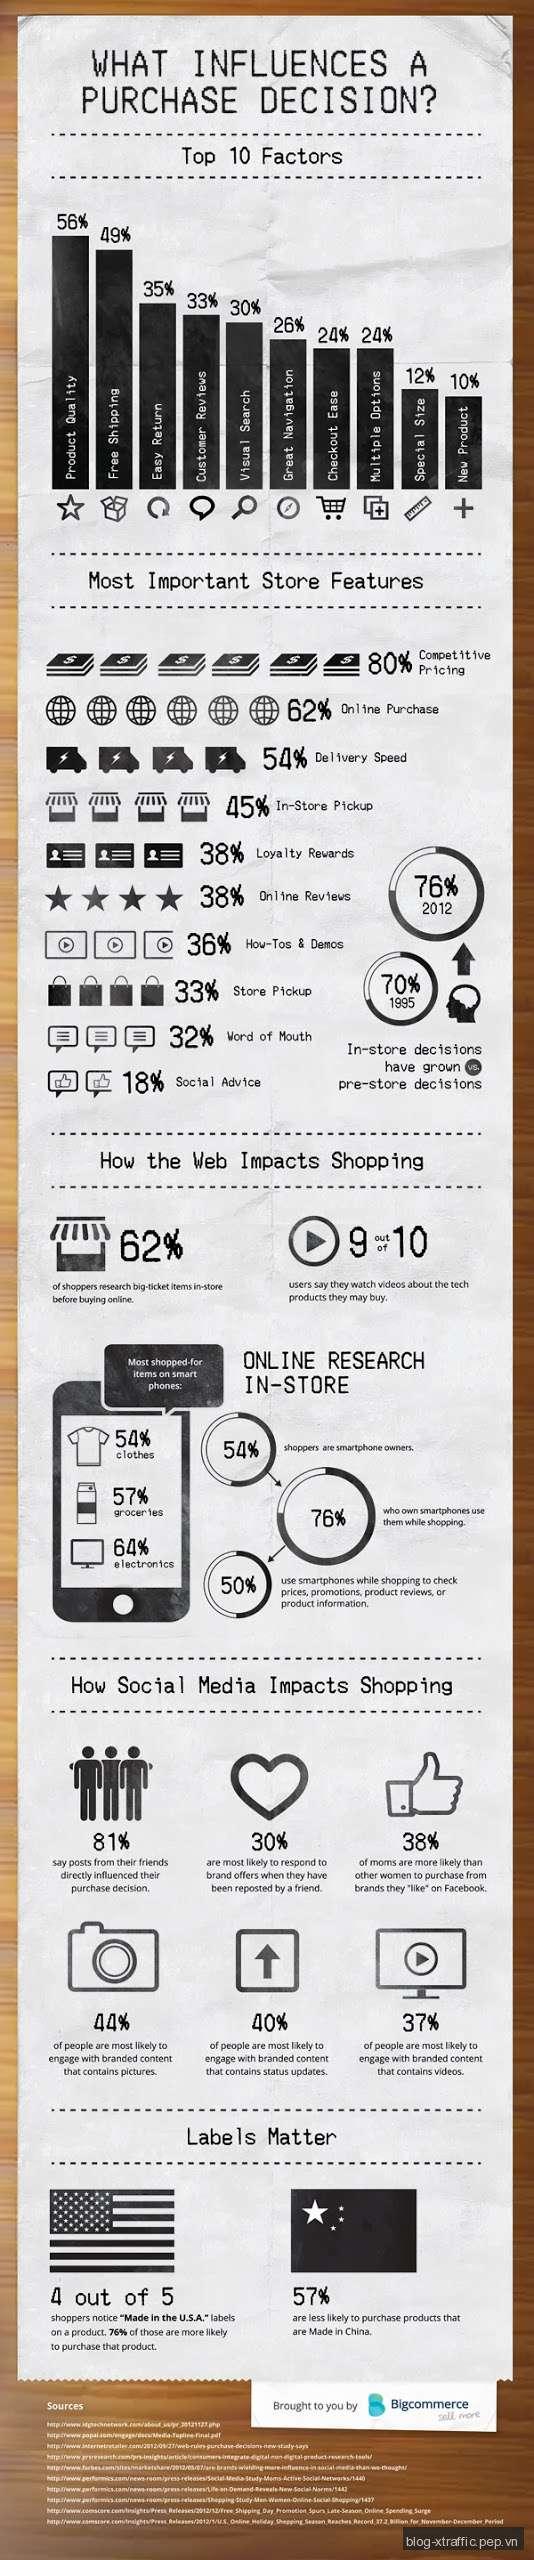 10 yếu tố hàng đầu ảnh hưởng đến quyết định mua hàng trực tuyến - mua hàng trực tuyến - Digital Marketing